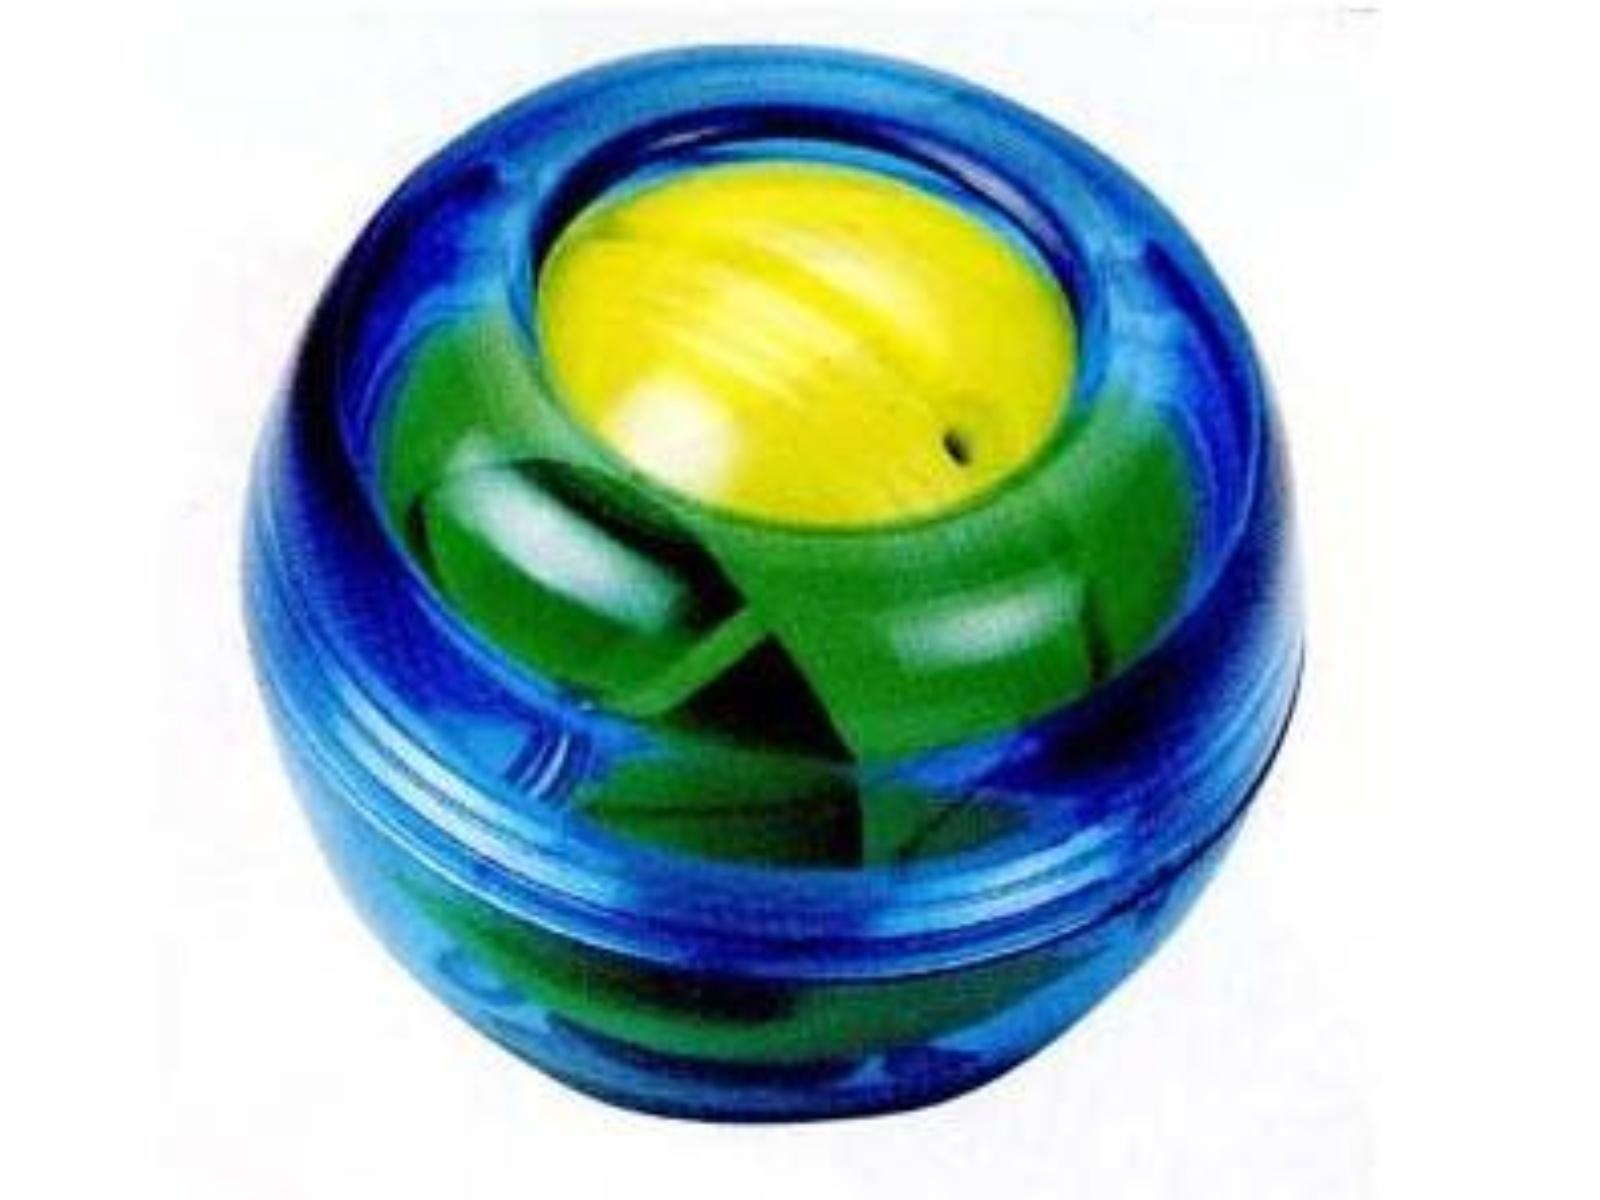 SEDCO ROLLER BALL